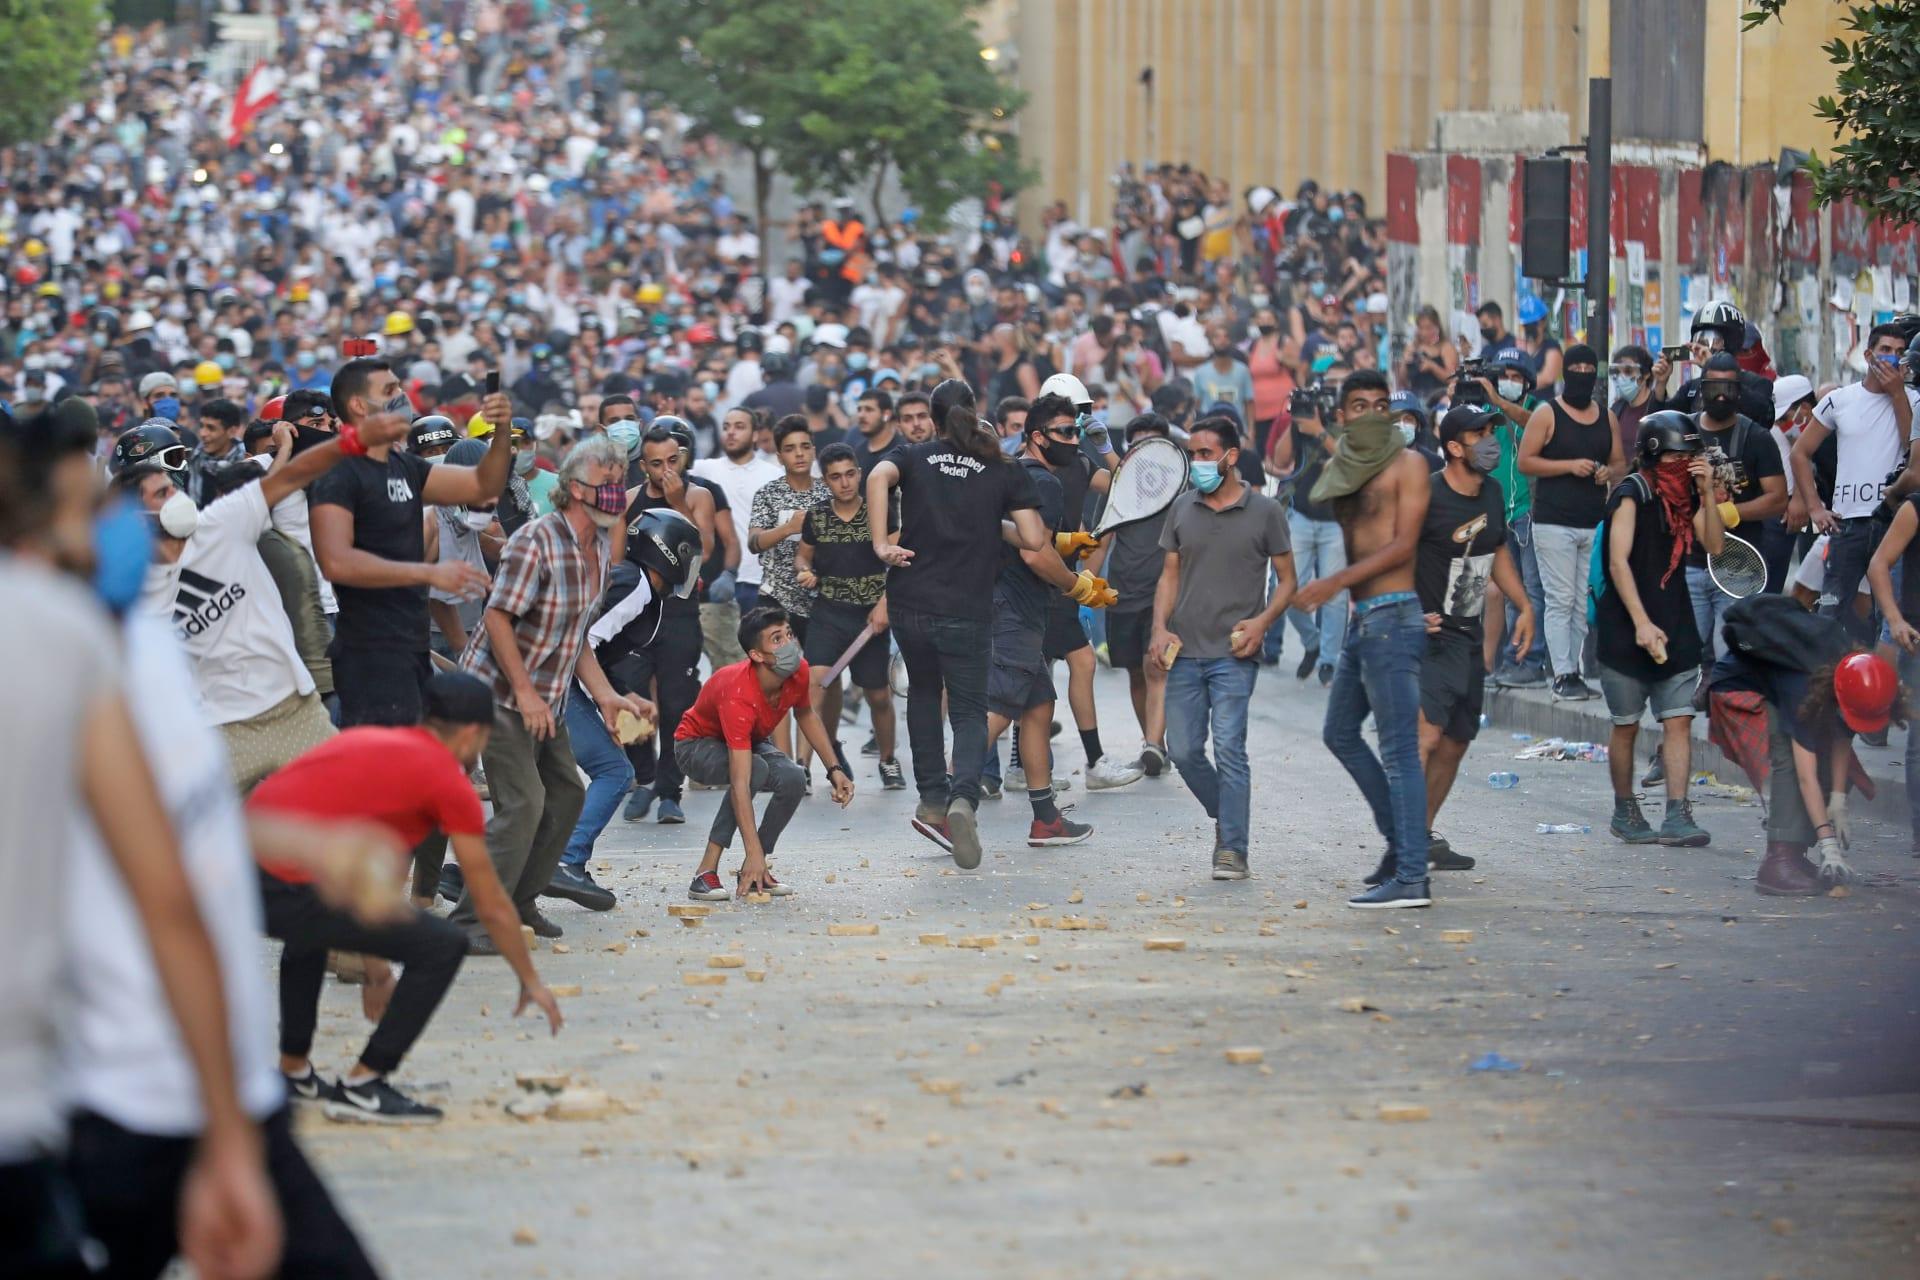 مواجهات بين قوات الأمن والمتظاهرين في لبنان في أعقاب انفجار مرفأ بيروت